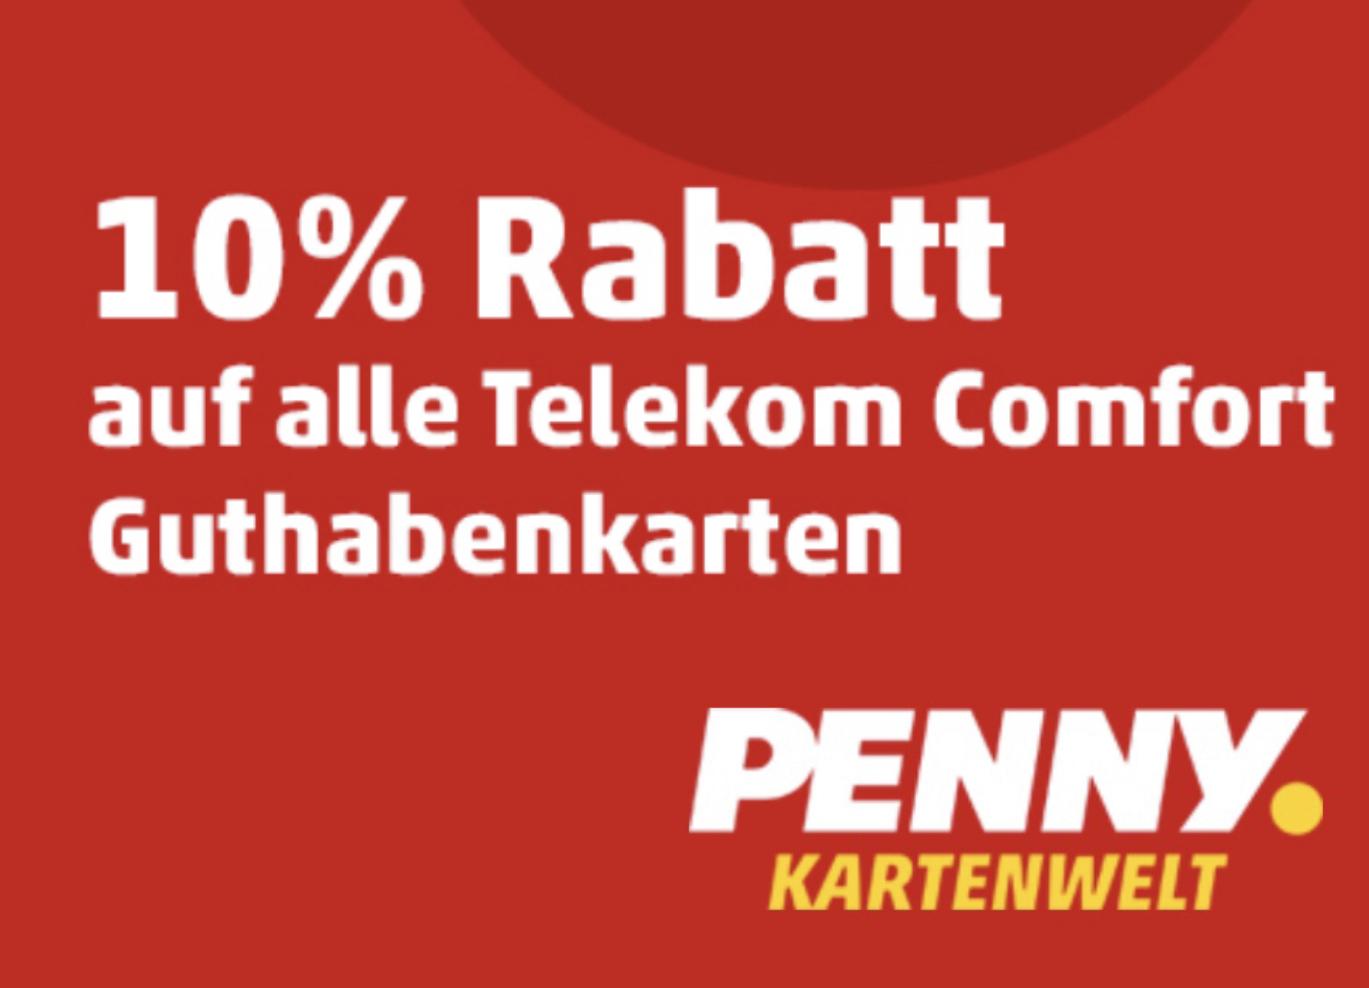 10% Rabatt auf alle Telekom Comfort Guthabenkarten in der Penny Kartenwelt - ab 24.02.